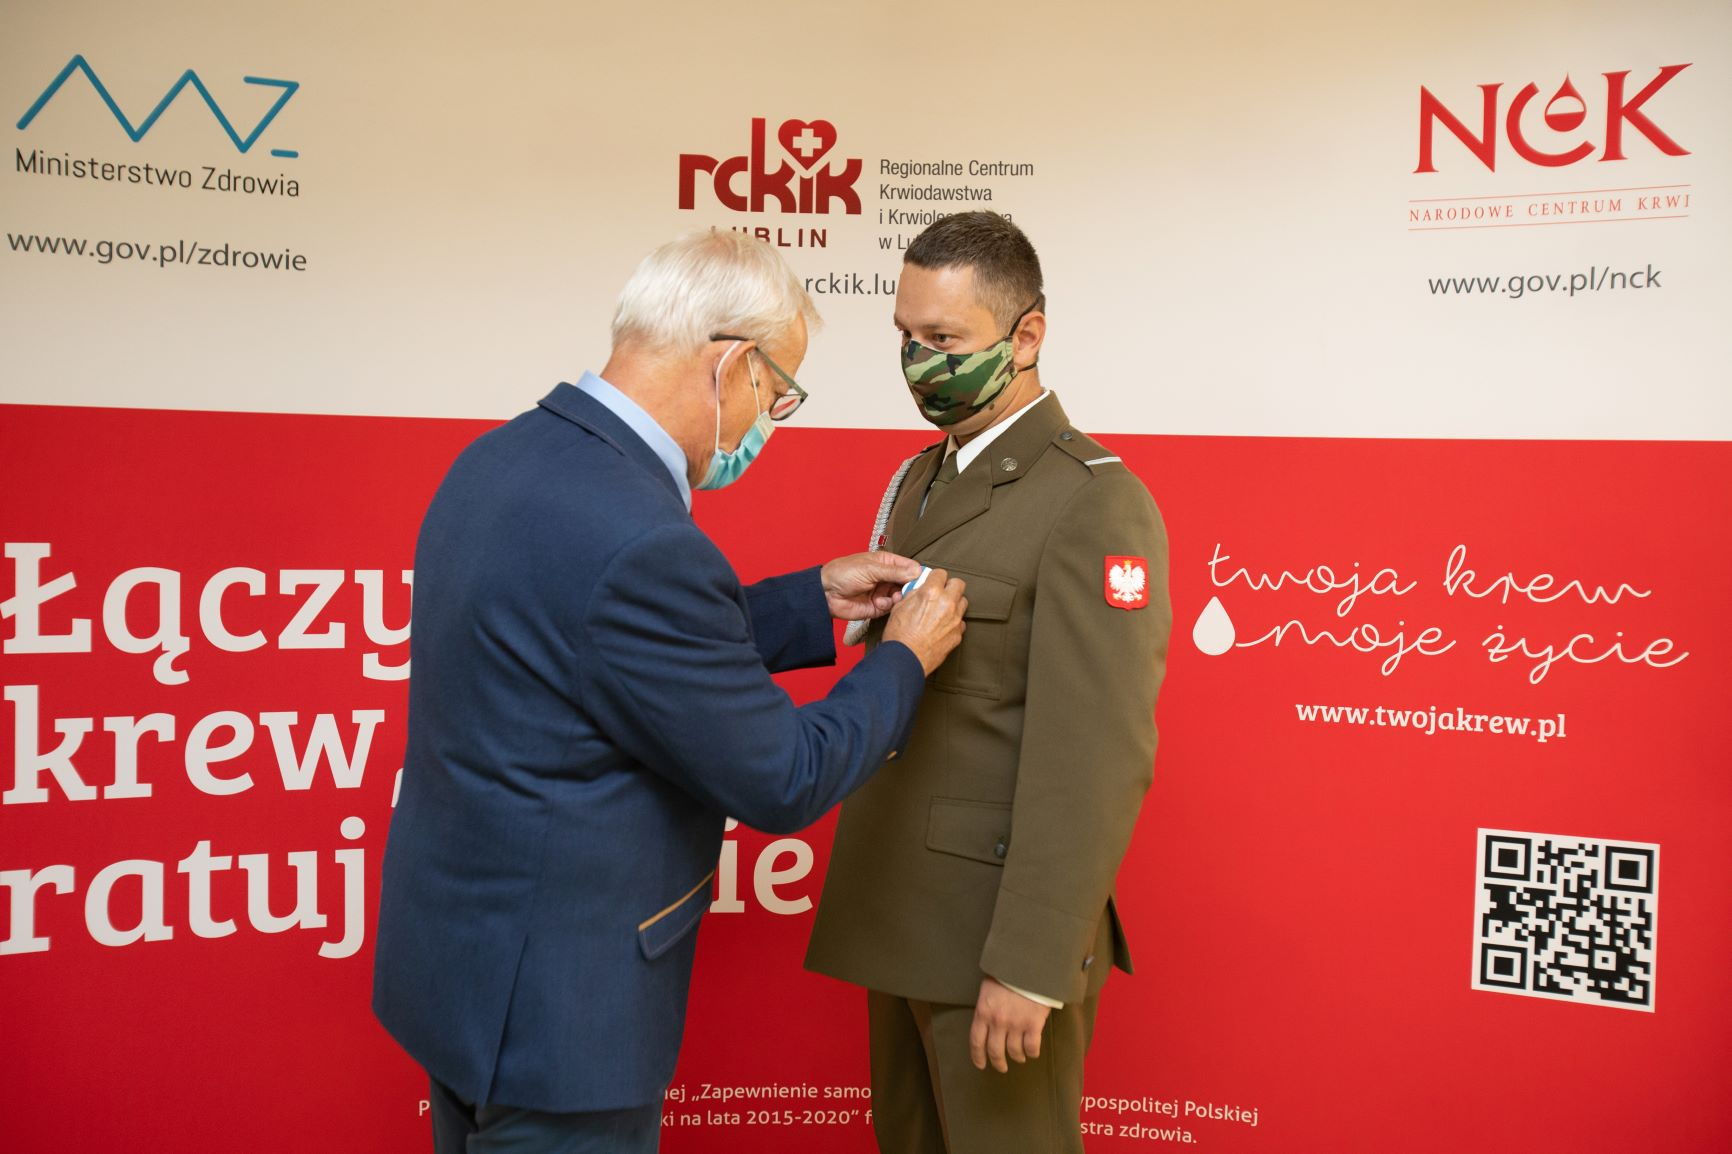 odznaczenie zolnierza autor rckik lublin Terytorialsi odznaczeni za oddawanie krwi